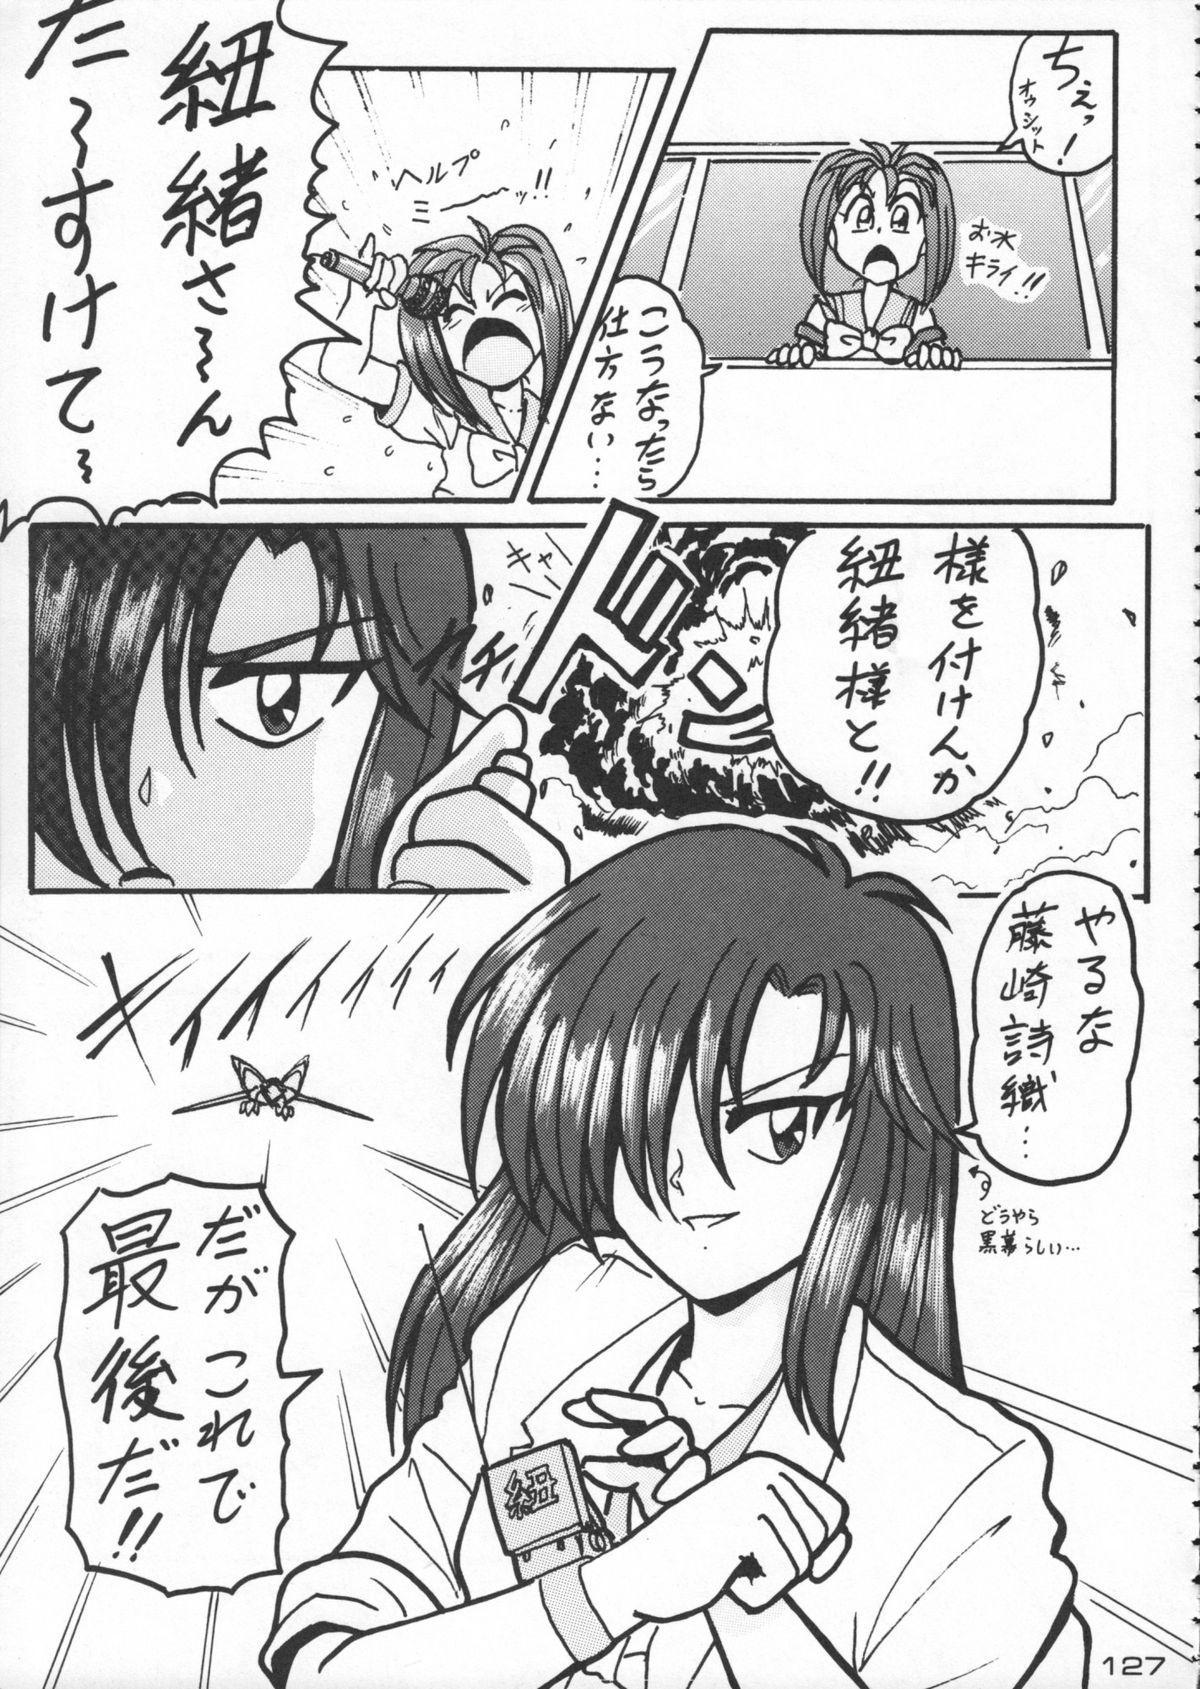 Godzilla vs Curry Aji 127